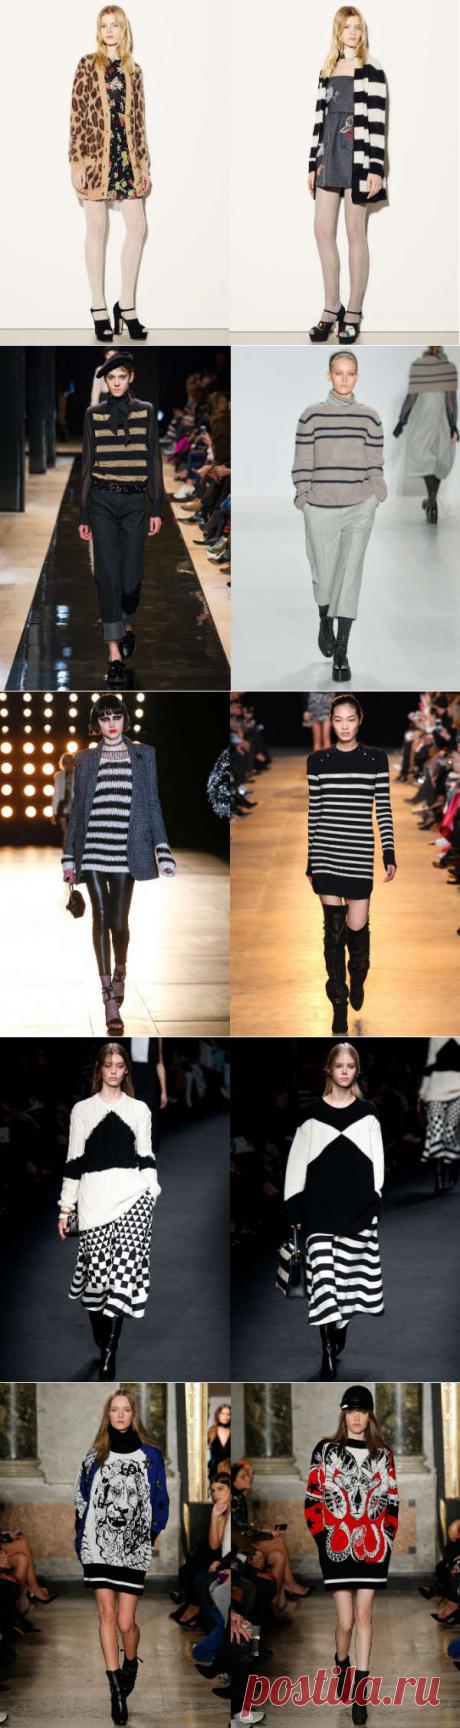 Модные вязаные свитера осень-зима 2015-2016: полный обзор - Ladiesvenue принты